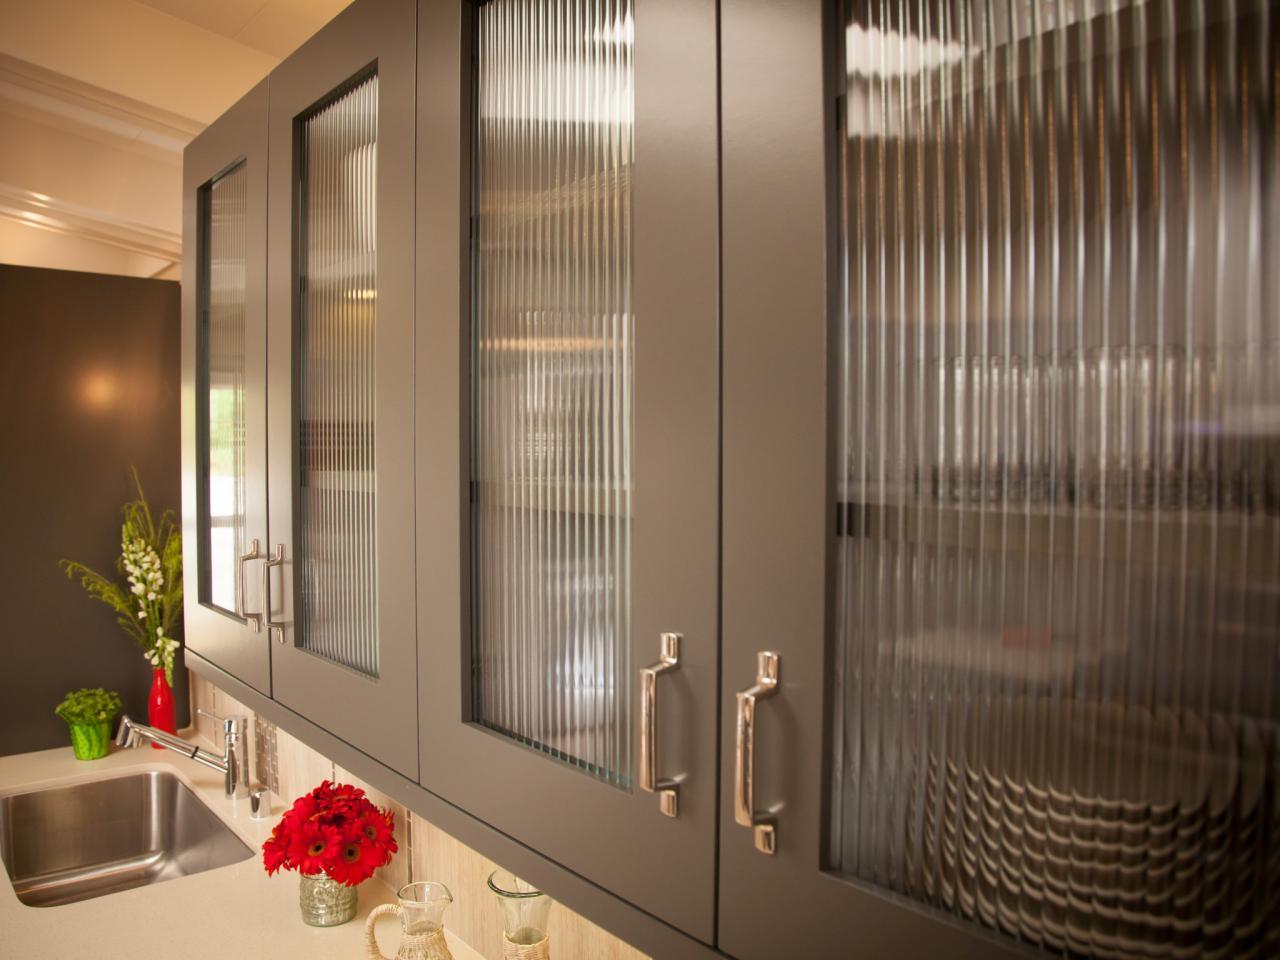 dp_stephanie-hatten-grå-moderne-køkken-kabinet-doors_h-jpg-rend-hgtvcom-1280-960